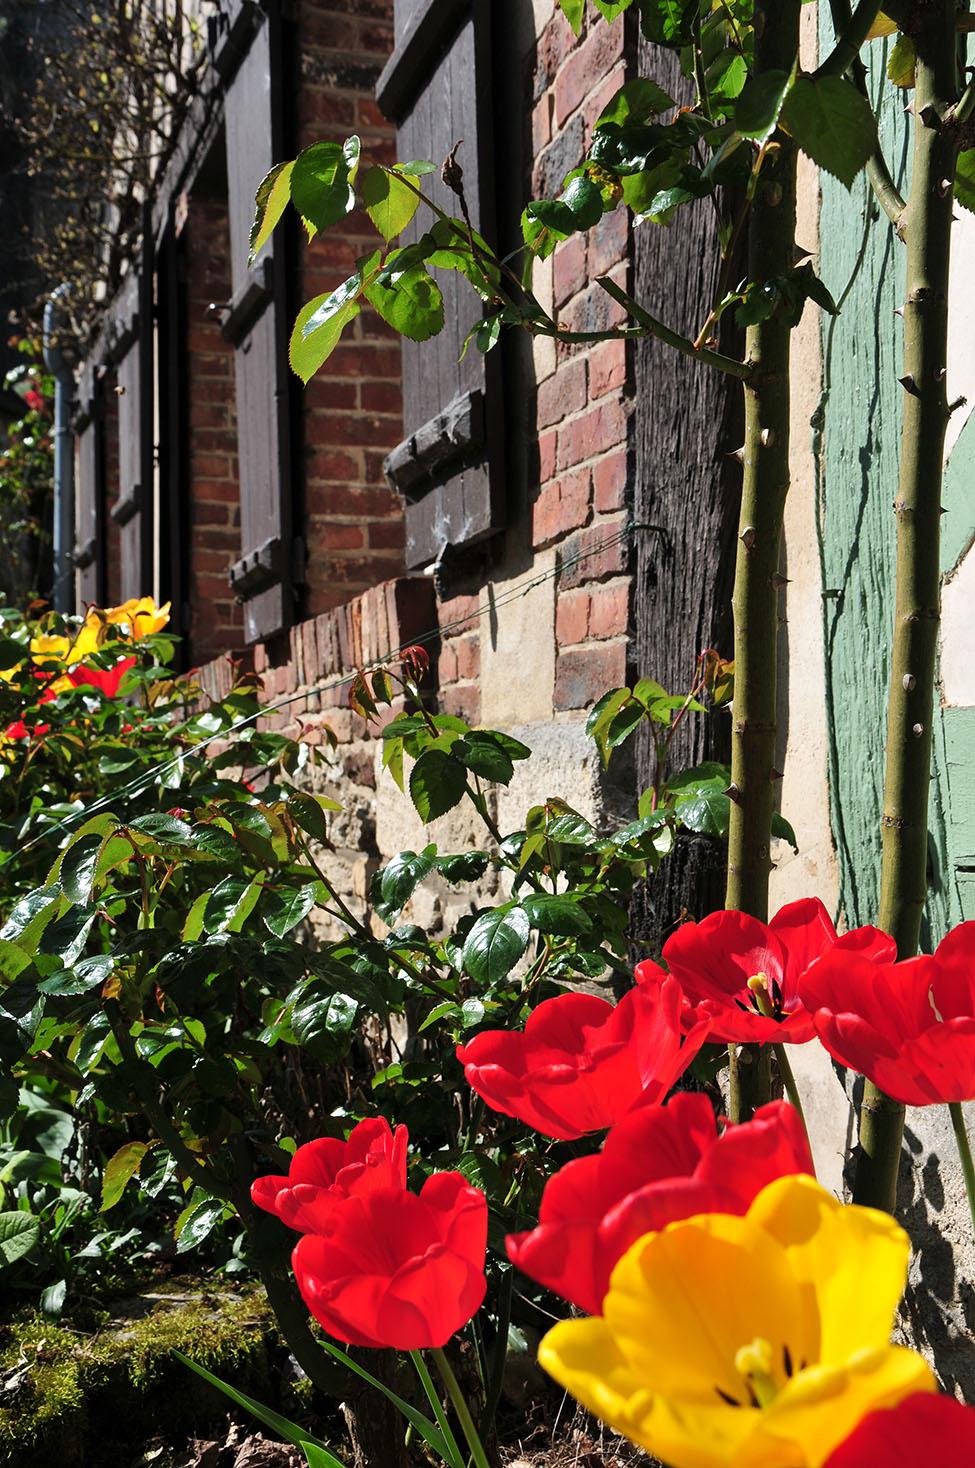 choses à faire dans l'oise: gerberoy, parmi les plus beaux villages de France